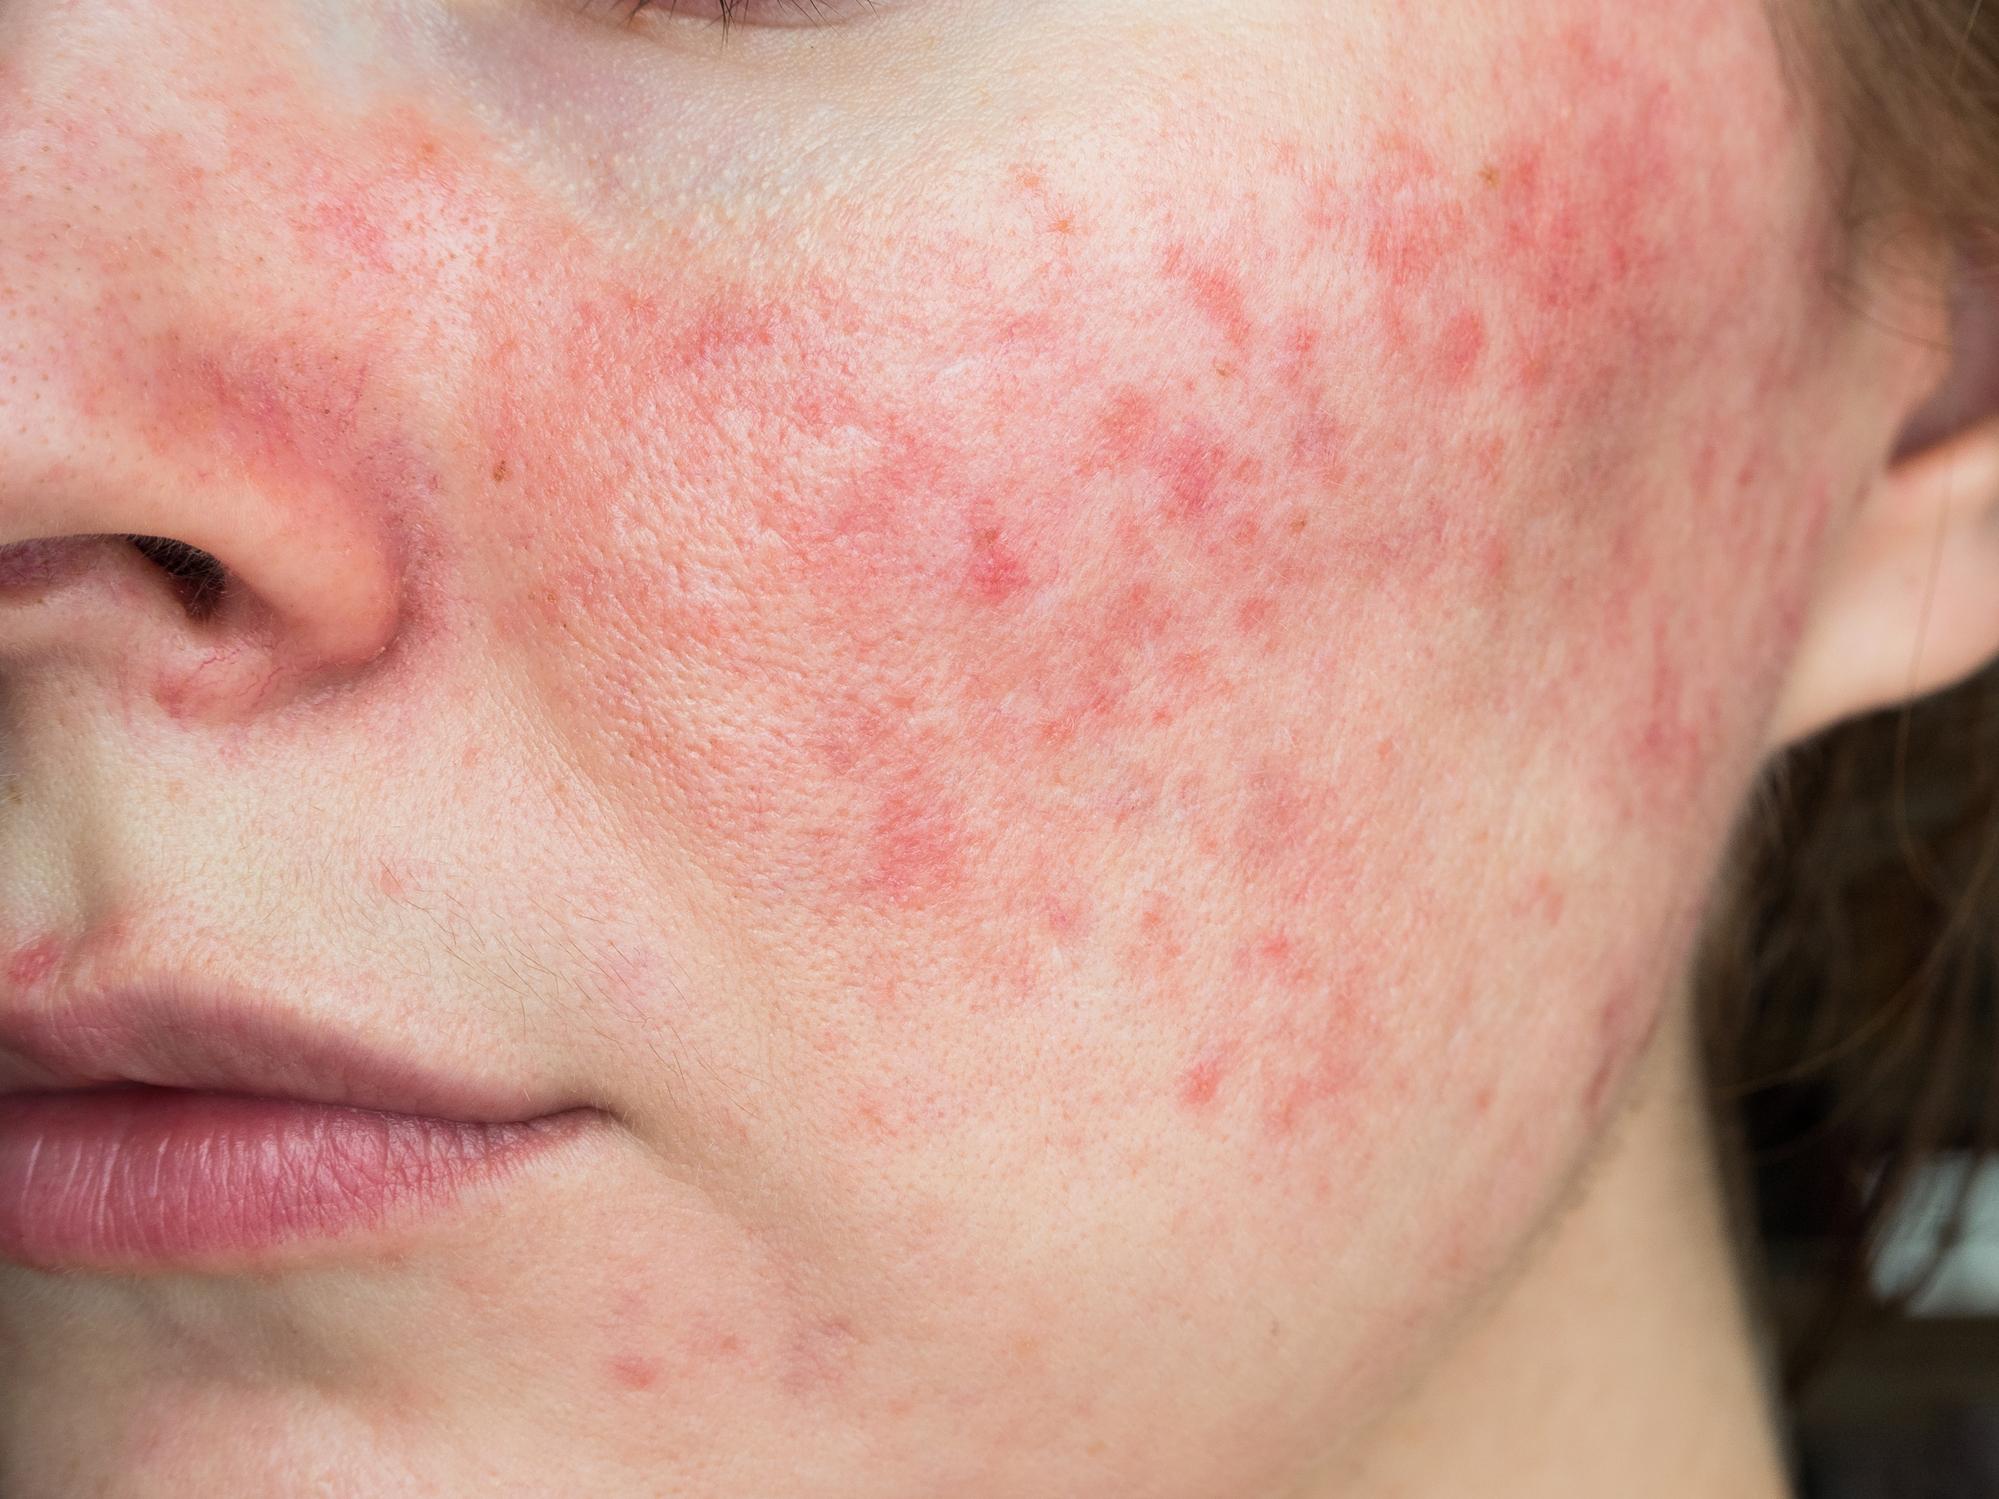 Post inflammatoir erytheem, een rode huid na actieve acne